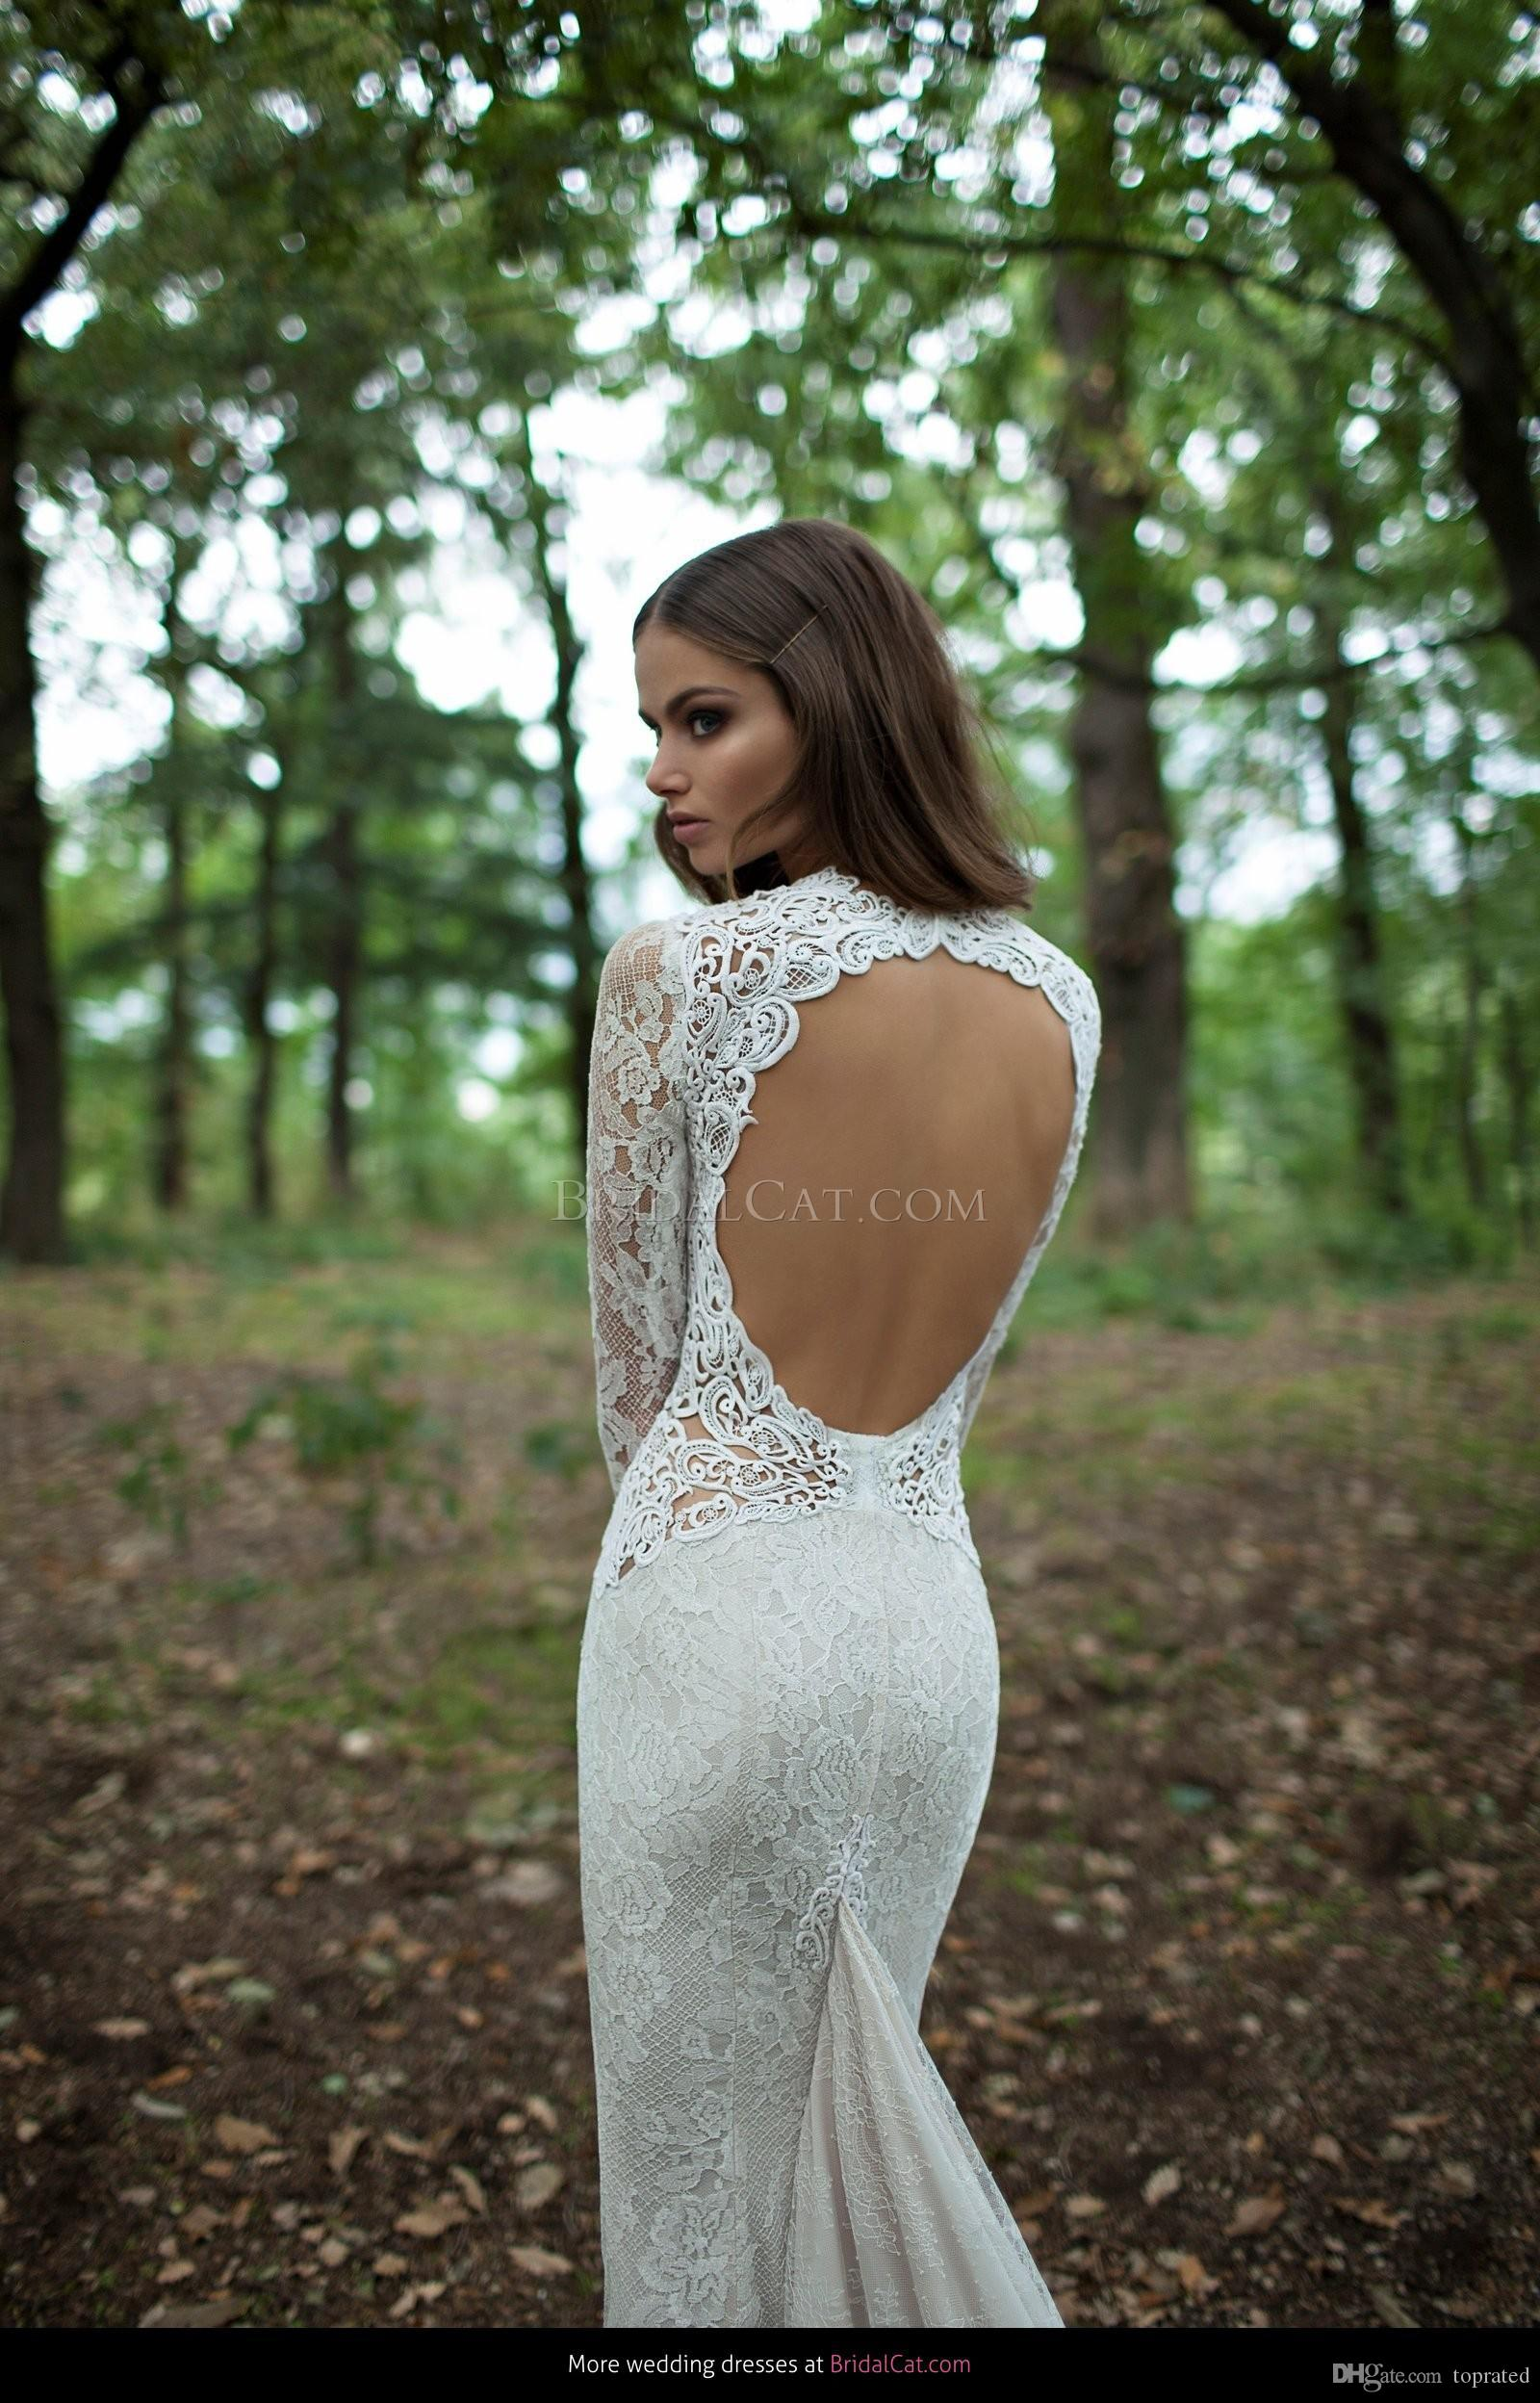 레이스 인어 웨딩 드레스 2019 Berta 긴 소매 백리스 스윕 기차 주름 보헤미안 신부 가운 새로운 컬렉션 사용자 정의